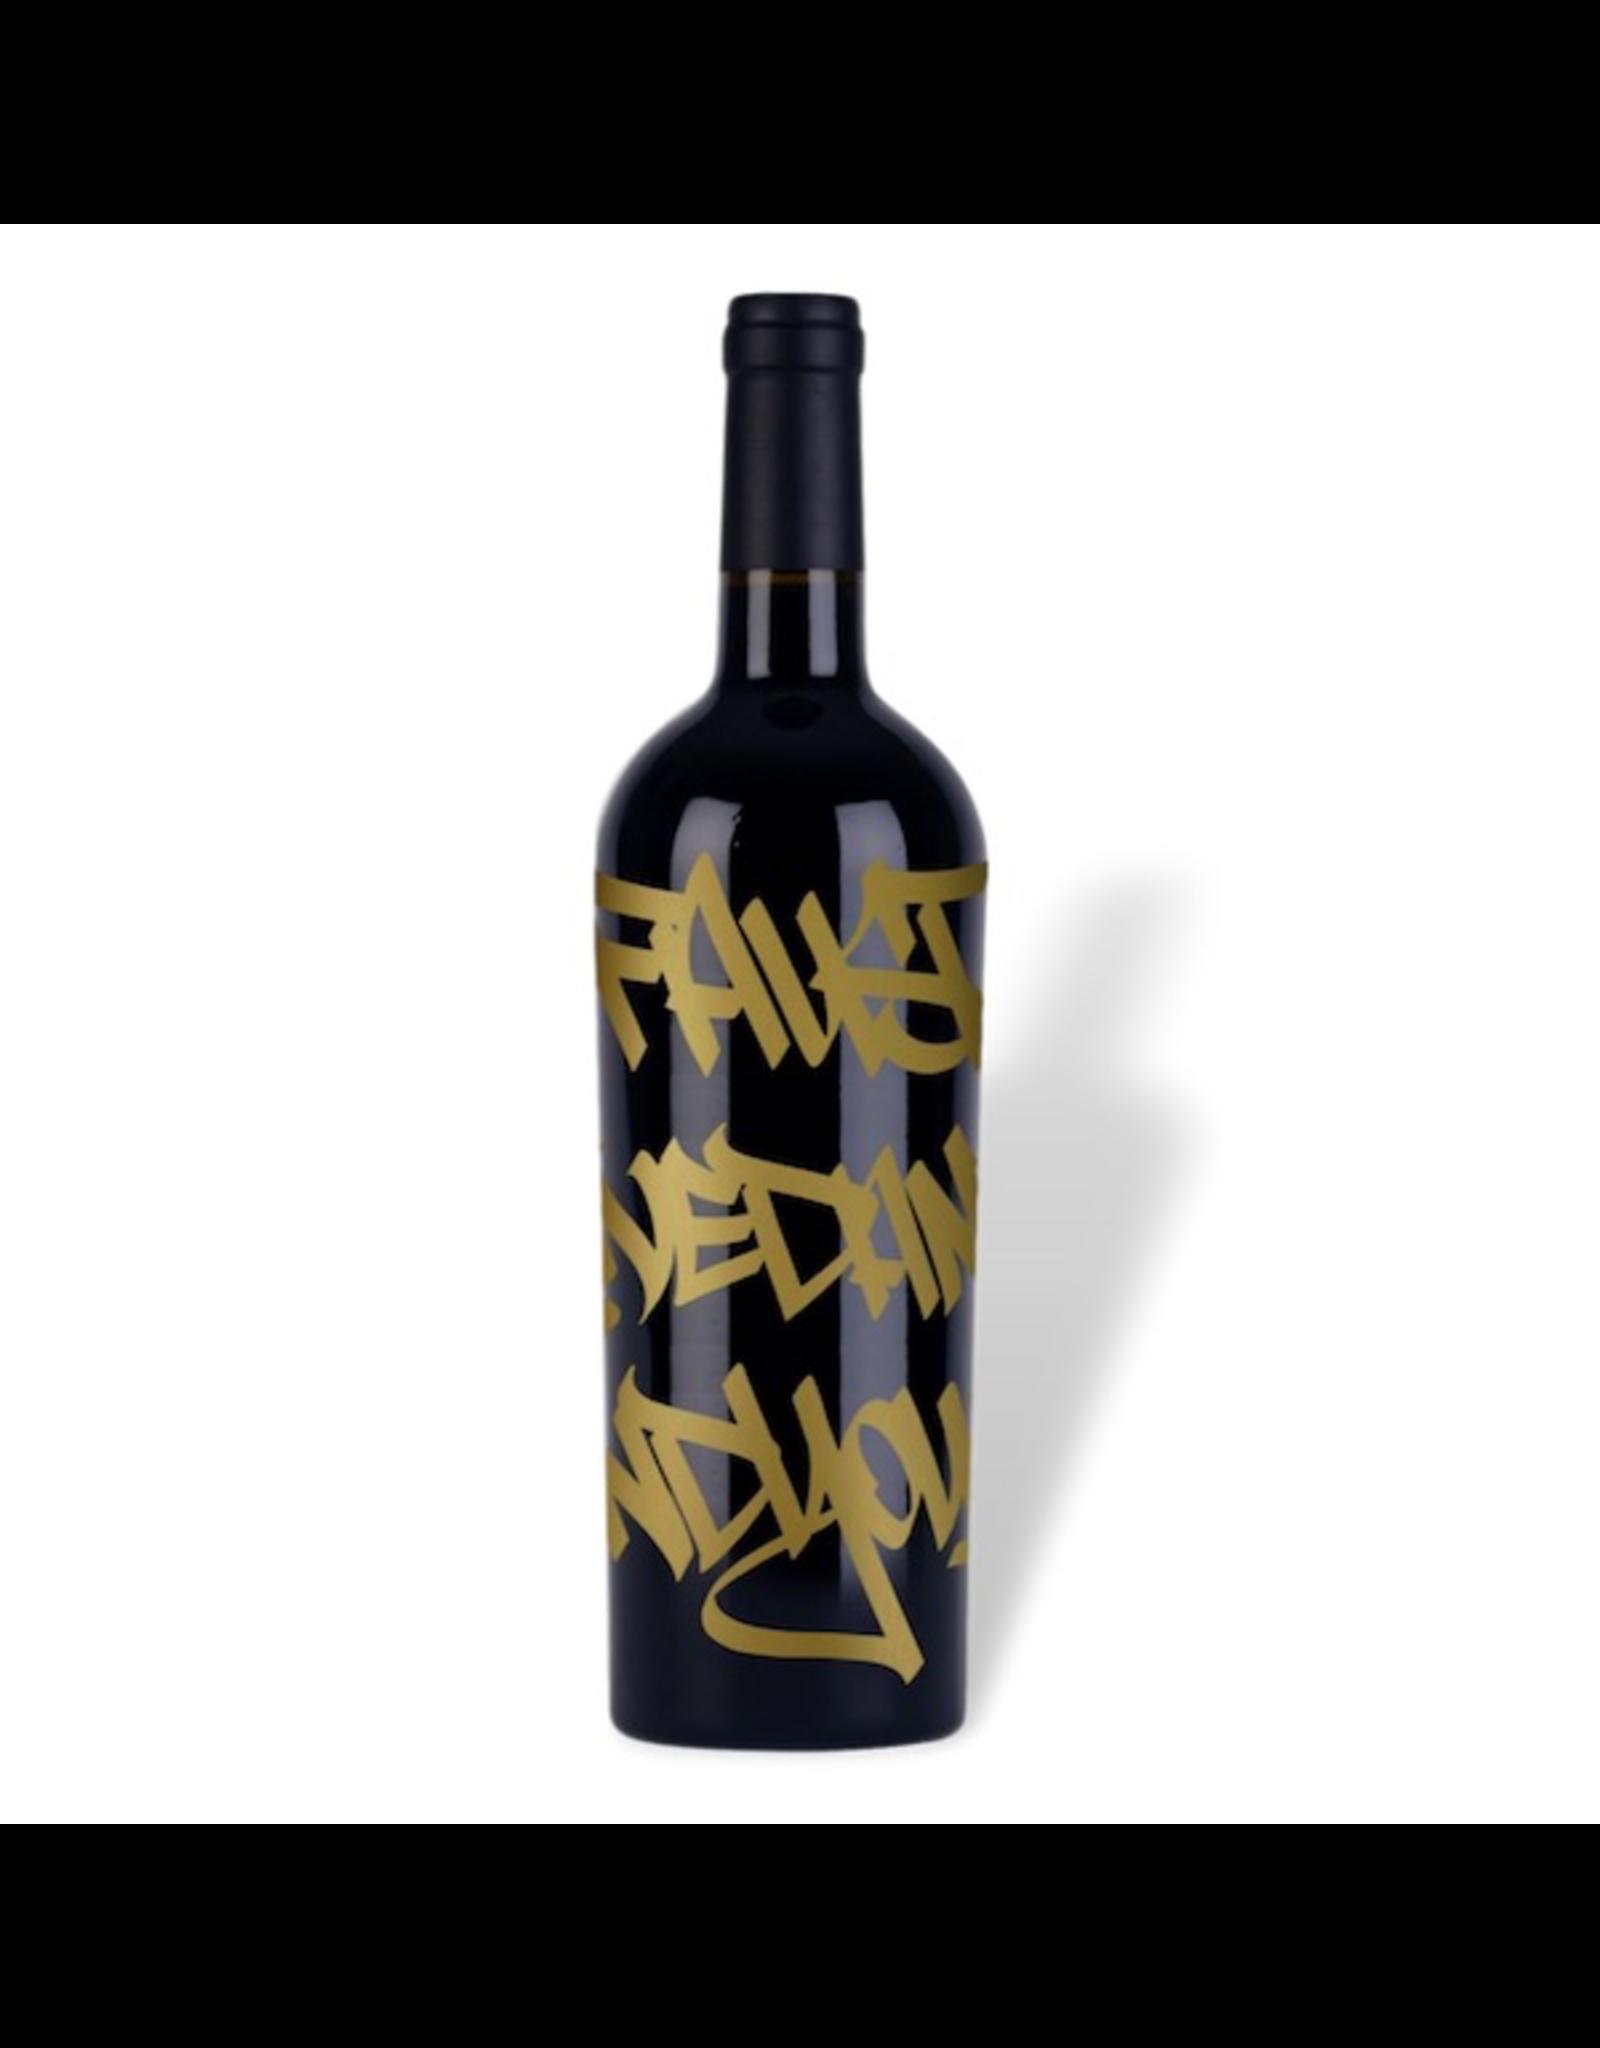 Red Wine 2015, 1.5L Faust Graffiti Limited Release, Cabernet Sauvignon, Napa Valley AVA, Napa, California, 14.9% Alc, CTnr